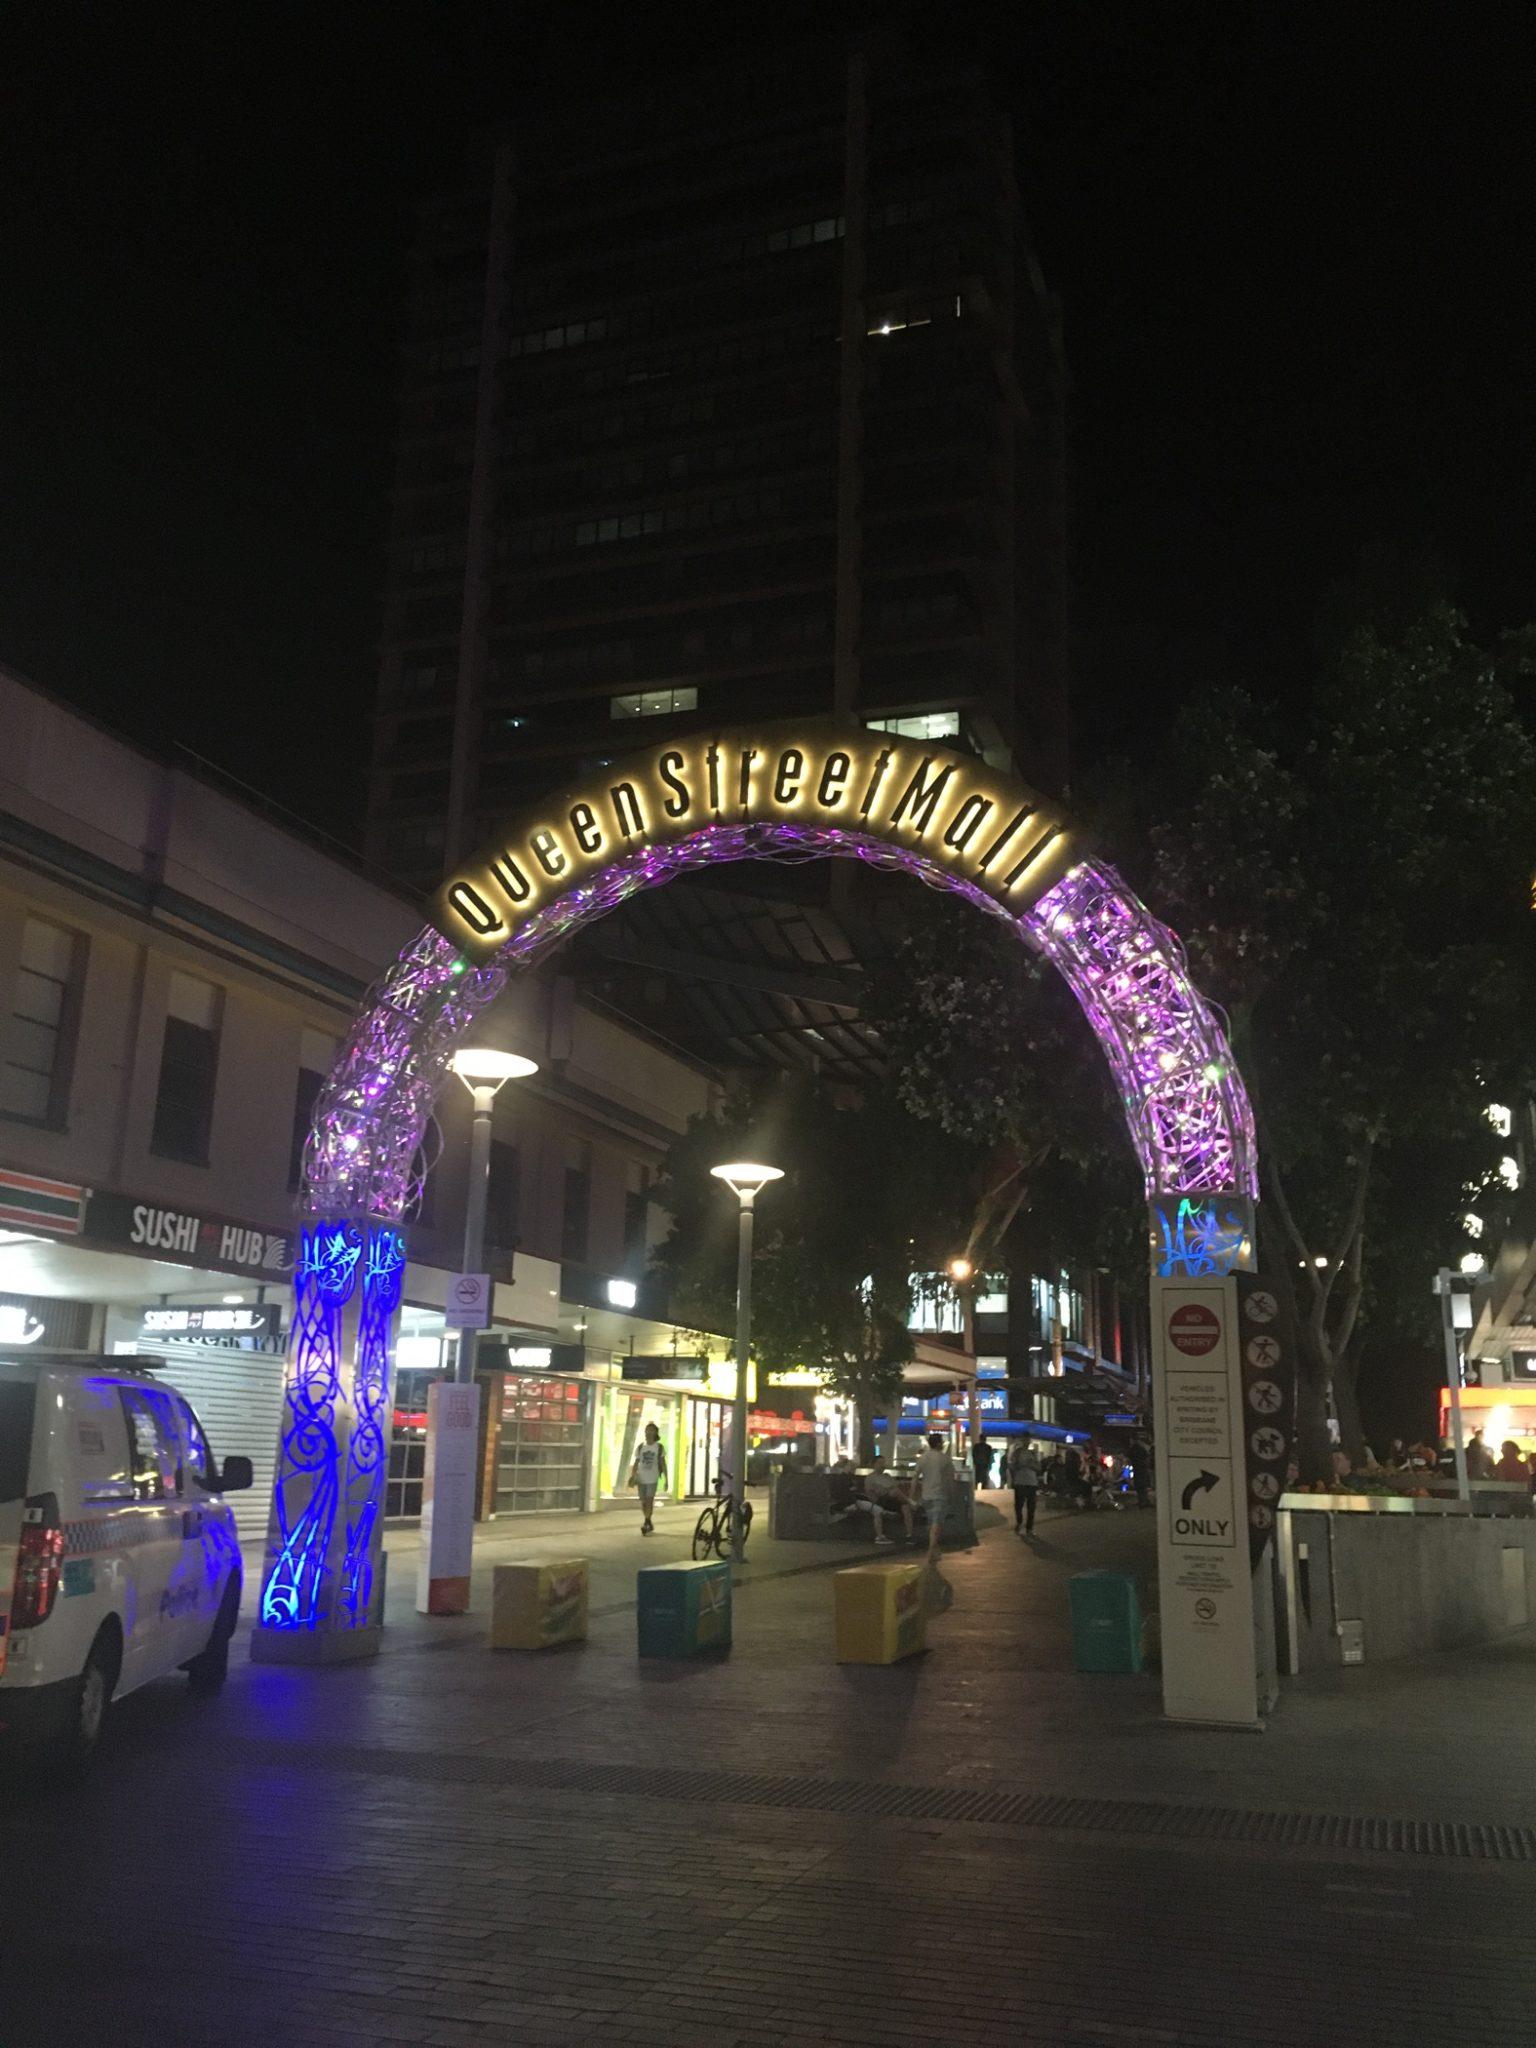 Queen Street Mall 2019